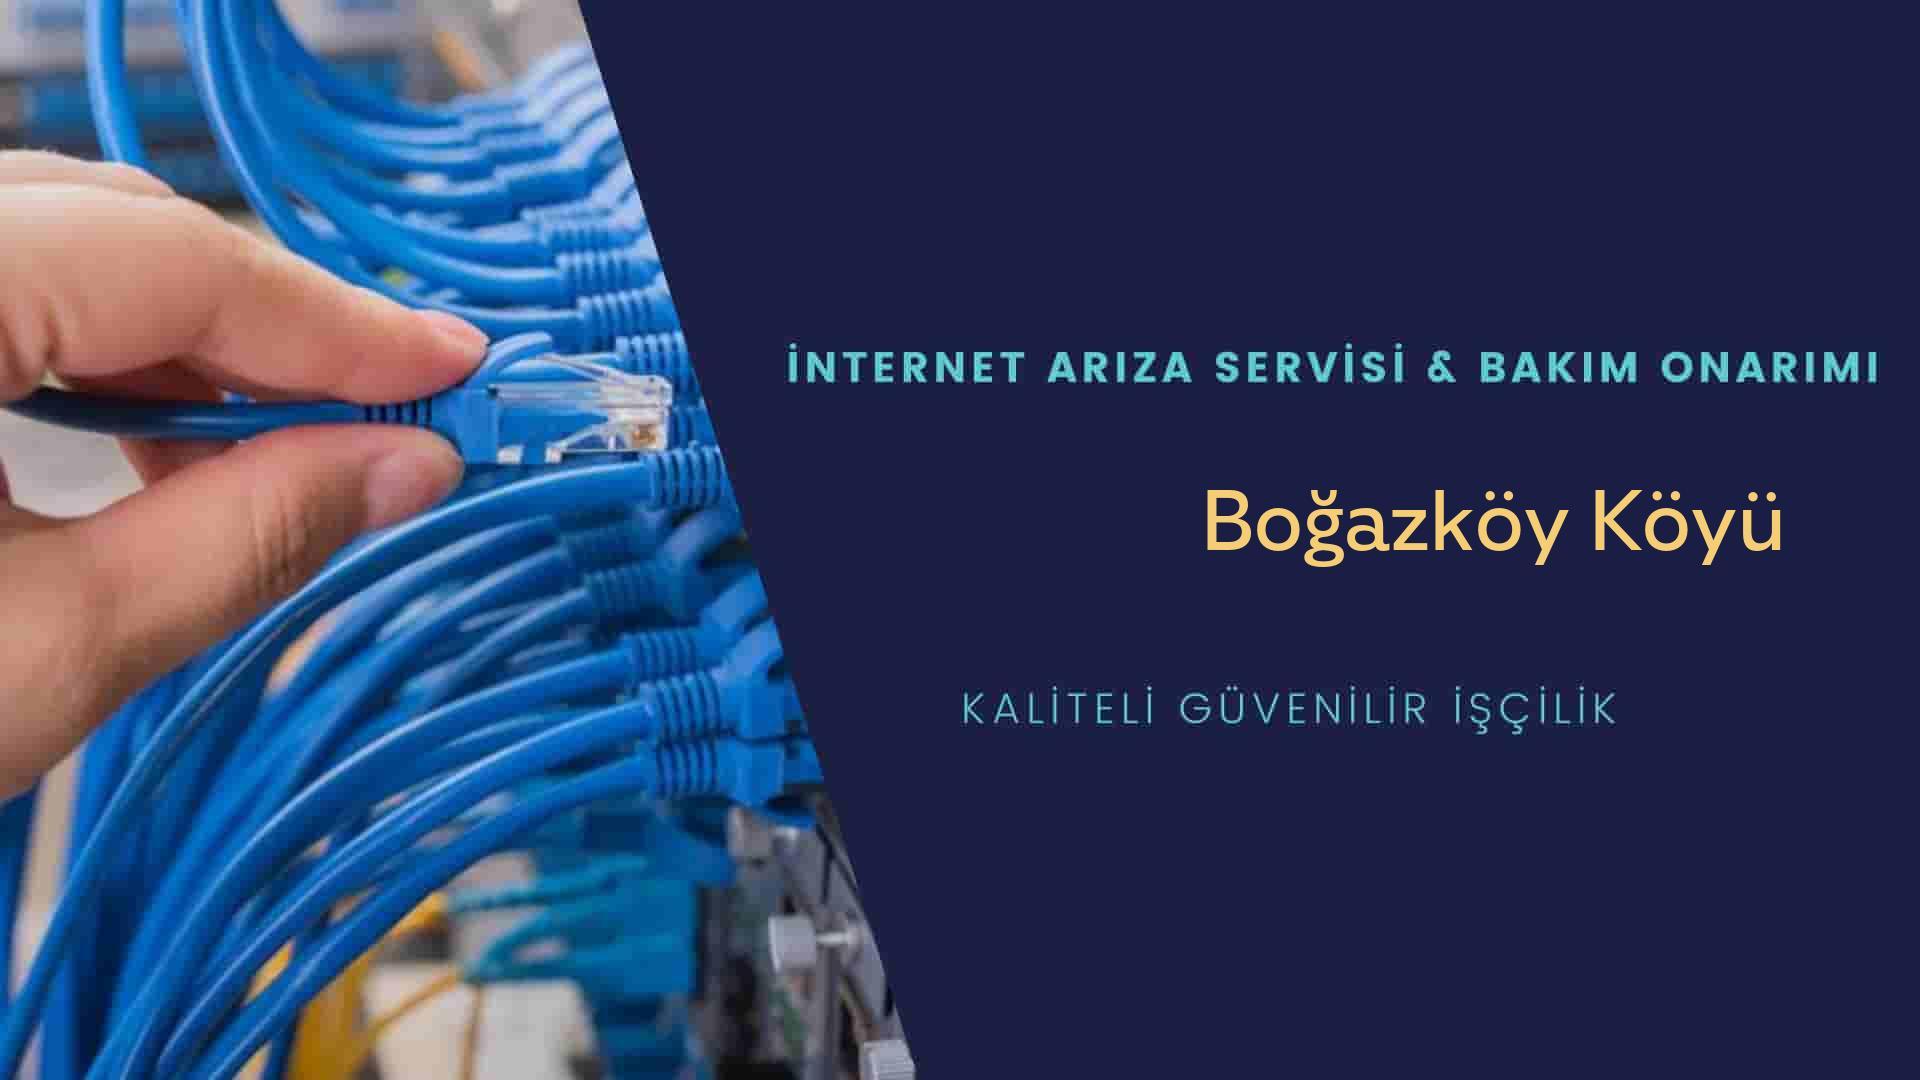 Boğazköy Köyü internet kablosu çekimi yapan yerler veya elektrikçiler mi? arıyorsunuz doğru yerdesiniz o zaman sizlere 7/24 yardımcı olacak profesyonel ustalarımız bir telefon kadar yakındır size.